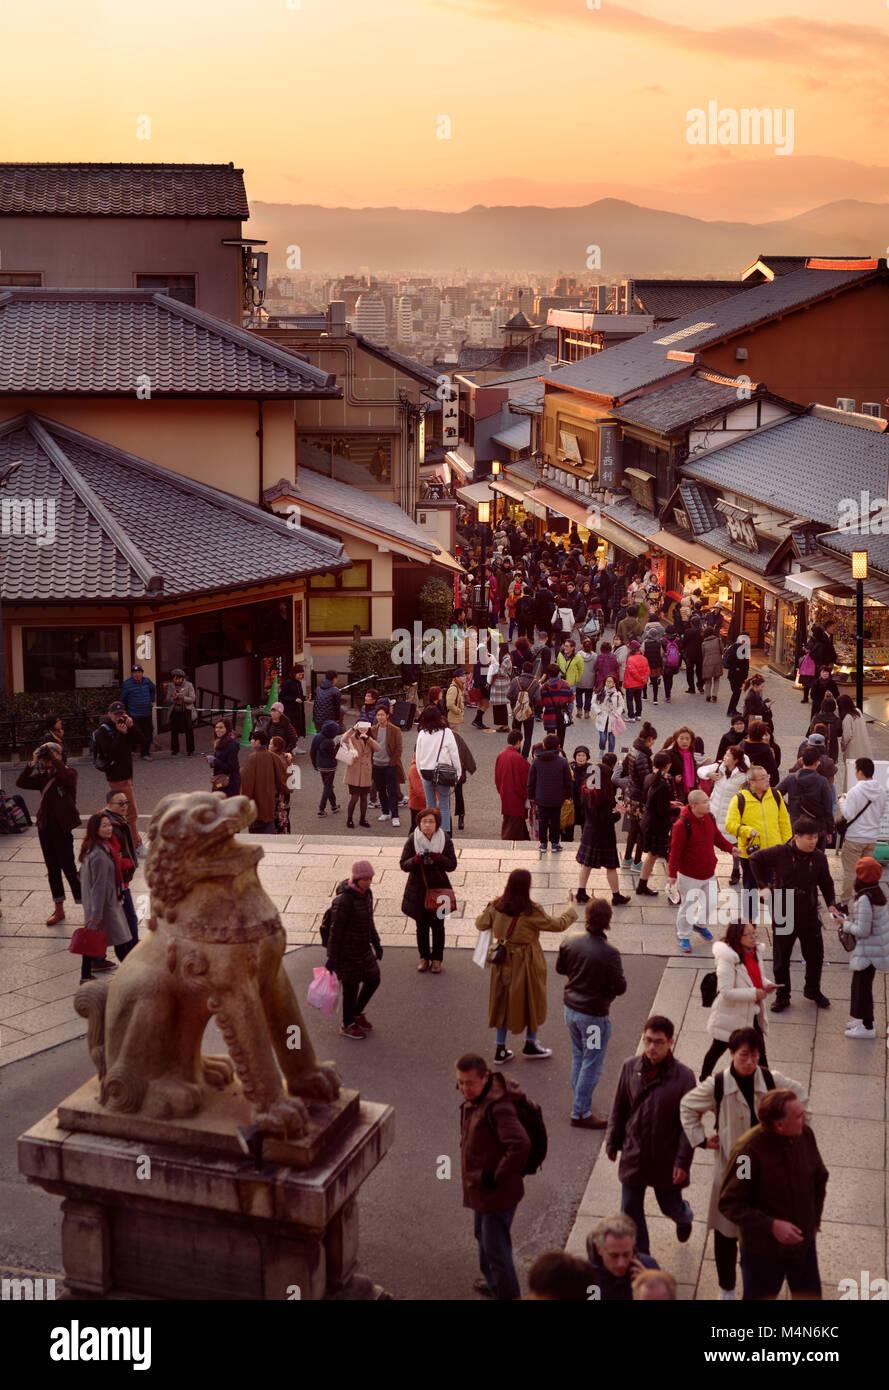 Matsubara dori au coucher du soleil en automne, occupé avec les touristes et les visiteurs à l'entrée Photo Stock